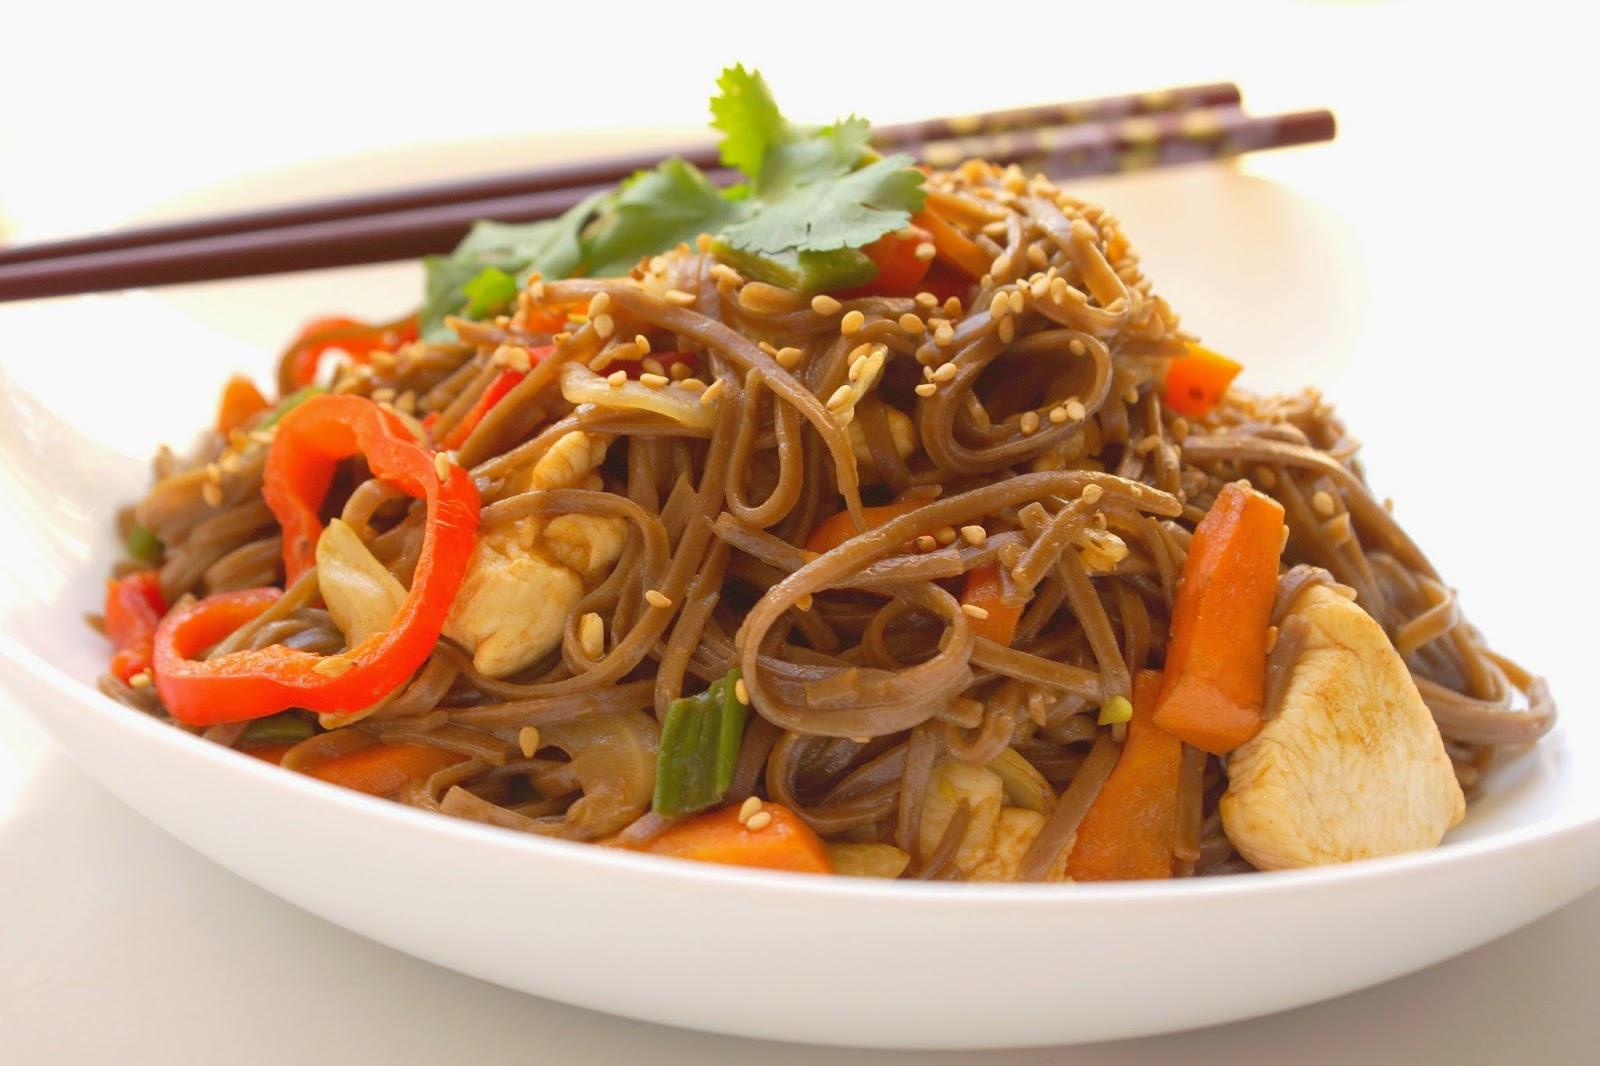 Comment cuisiner legumes wok - Comment cuisiner des nouilles chinoises ...